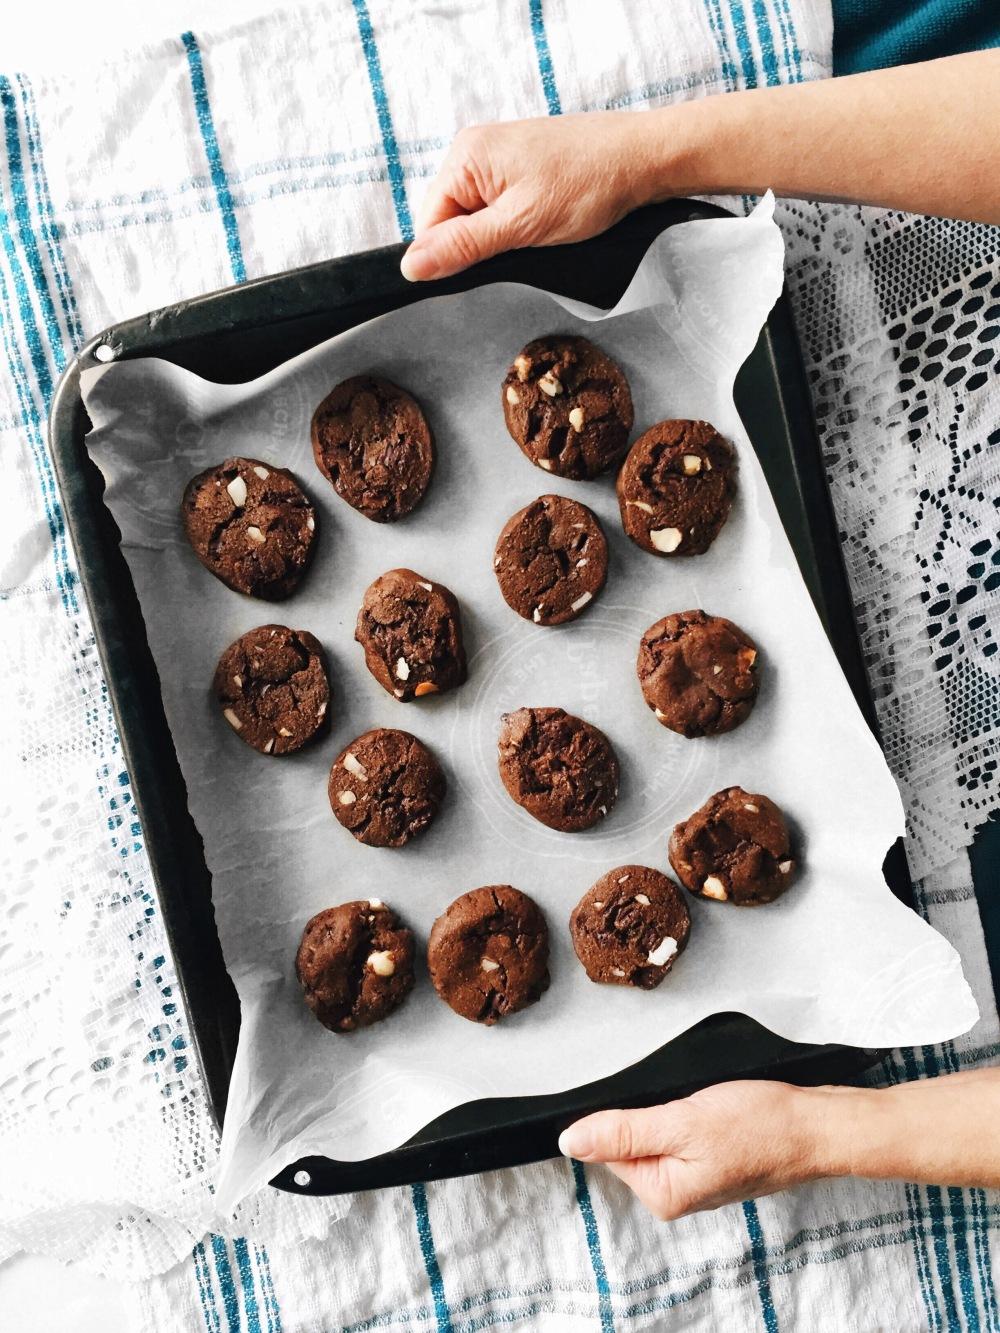 biscuits double chocolat santé végane aux noix de macadam Cuisine estudiantine